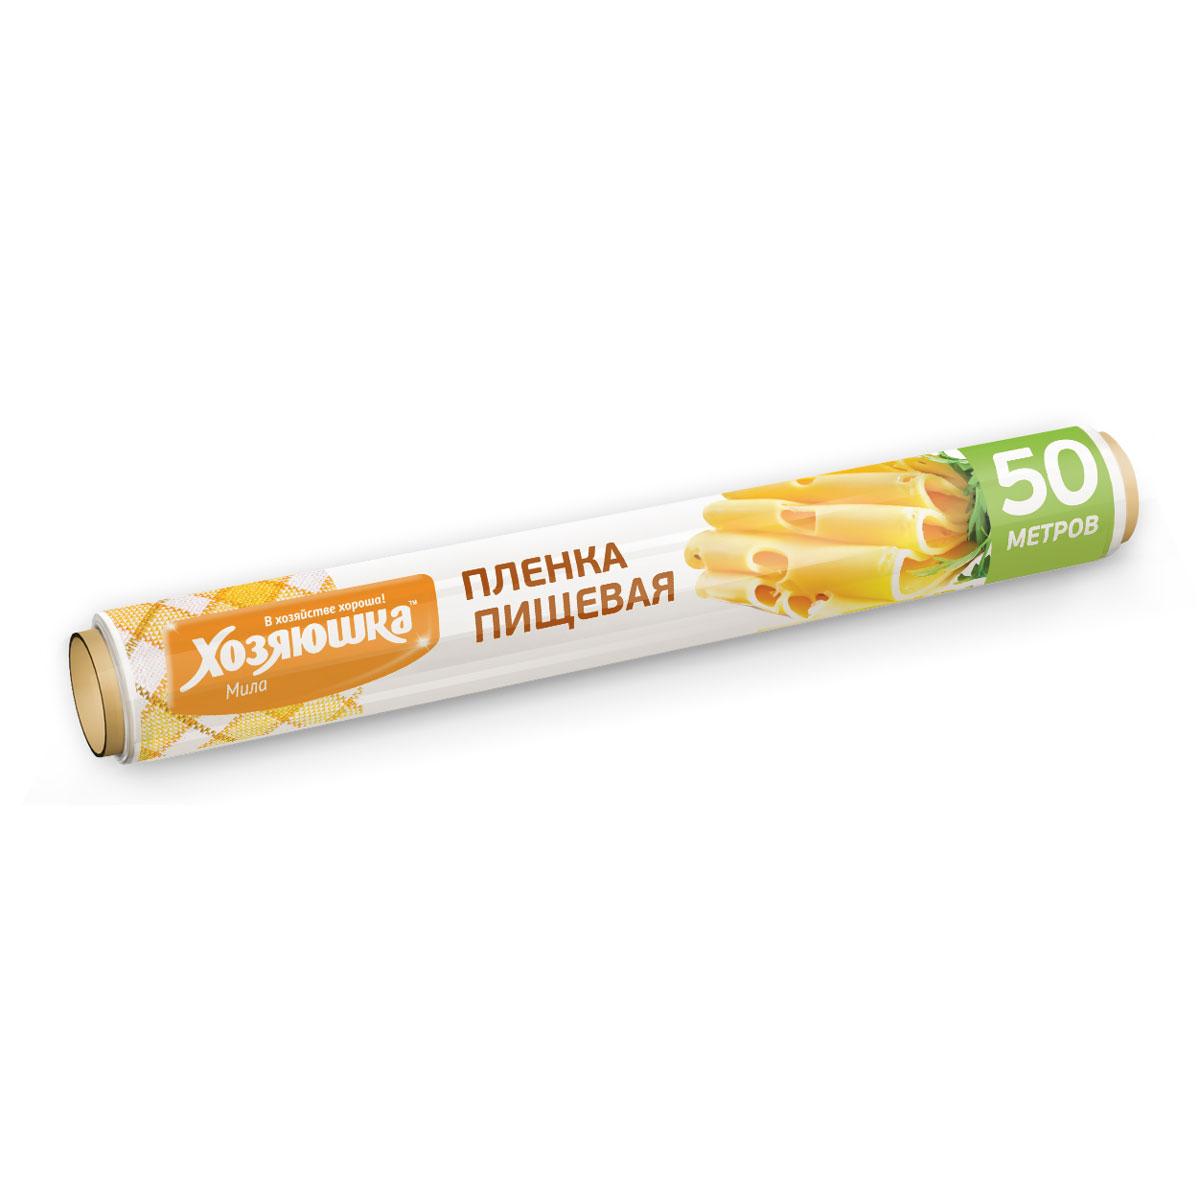 """Пищевая пленка """"Хозяюшка Мила"""", изготовленная из пищевого полиэтилена, позволяет увеличить срок хранения продуктов, предотвращает смешивание запахов в холодильнике, высыхание продуктов, обеспечивает эстетический вид продуктов, подходит для заворачивания школьных завтраков, бутербродов. Длина пленки: 50 м."""